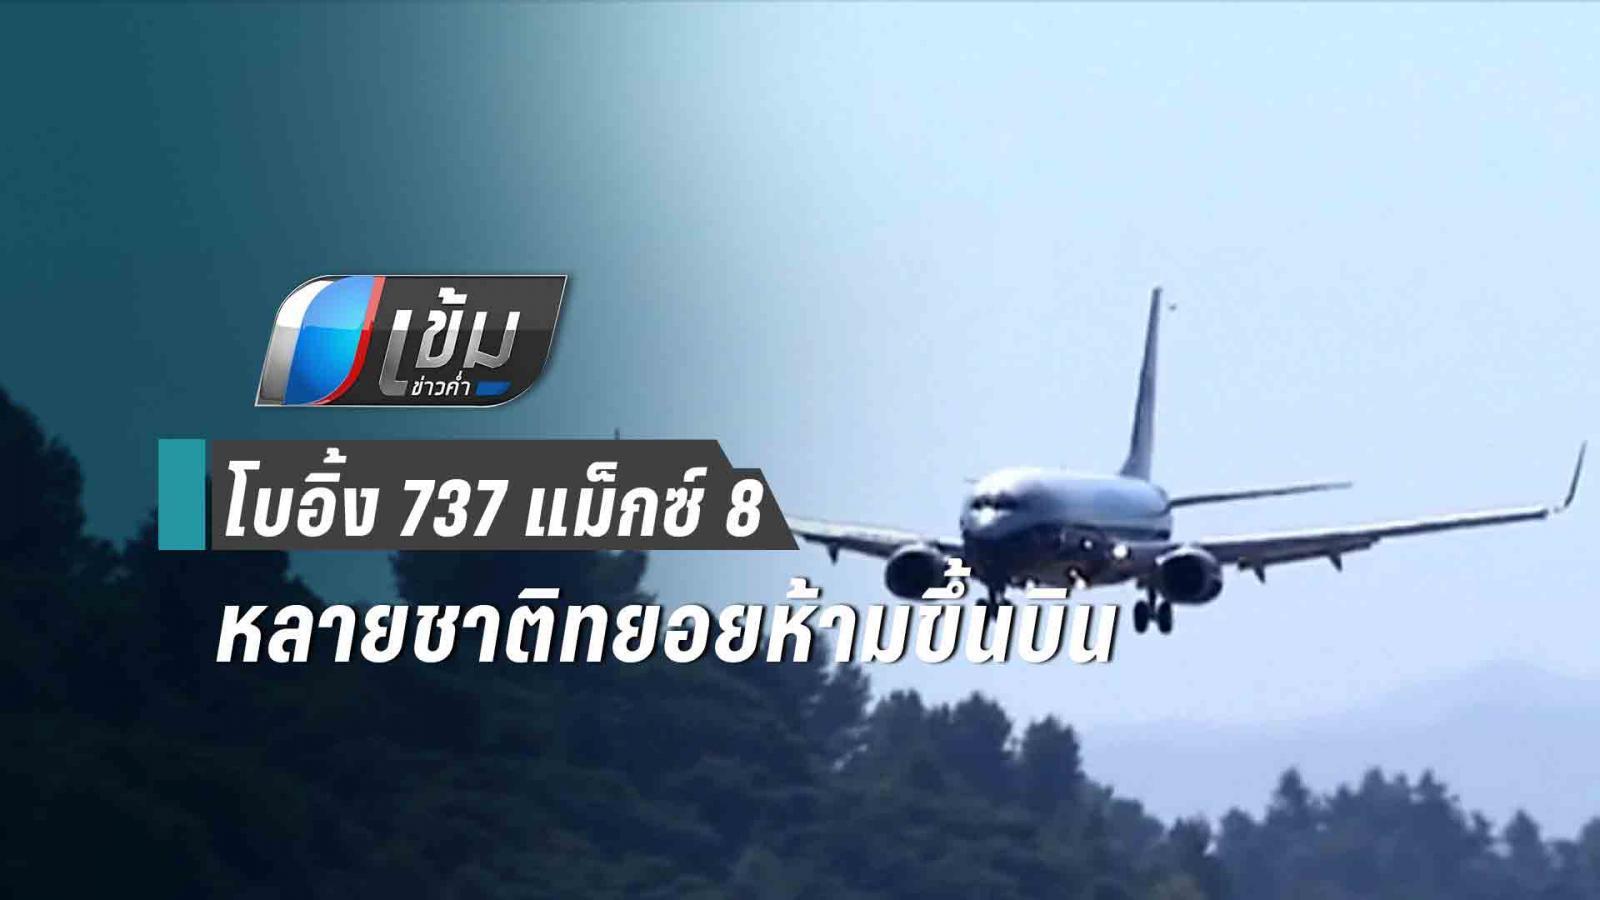 """หลายชาติห้าม """"โบอิ้ง 737 แม็กซ์ 8"""" ขึ้นบิน รอสรุปเหตุ """"เอธิโอเปียนแอร์ไลน์"""" โหม่งโลก"""